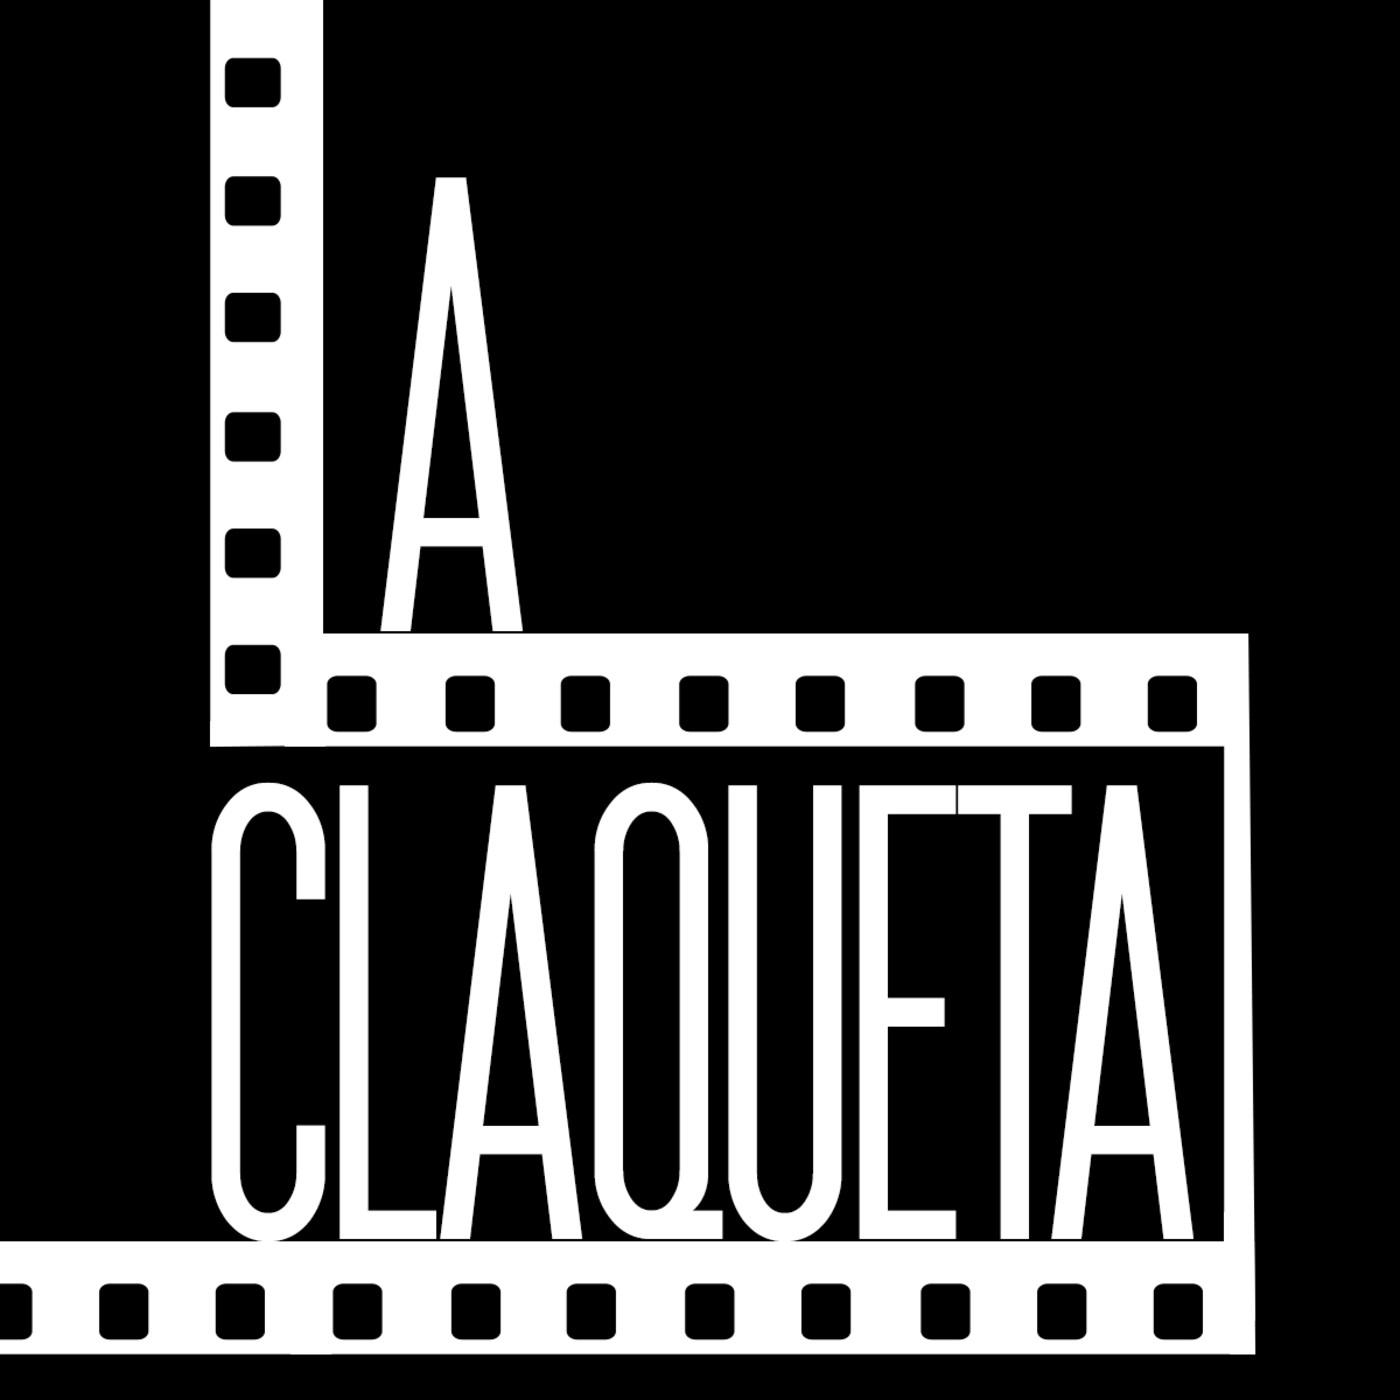 <![CDATA[La Claqueta]]>